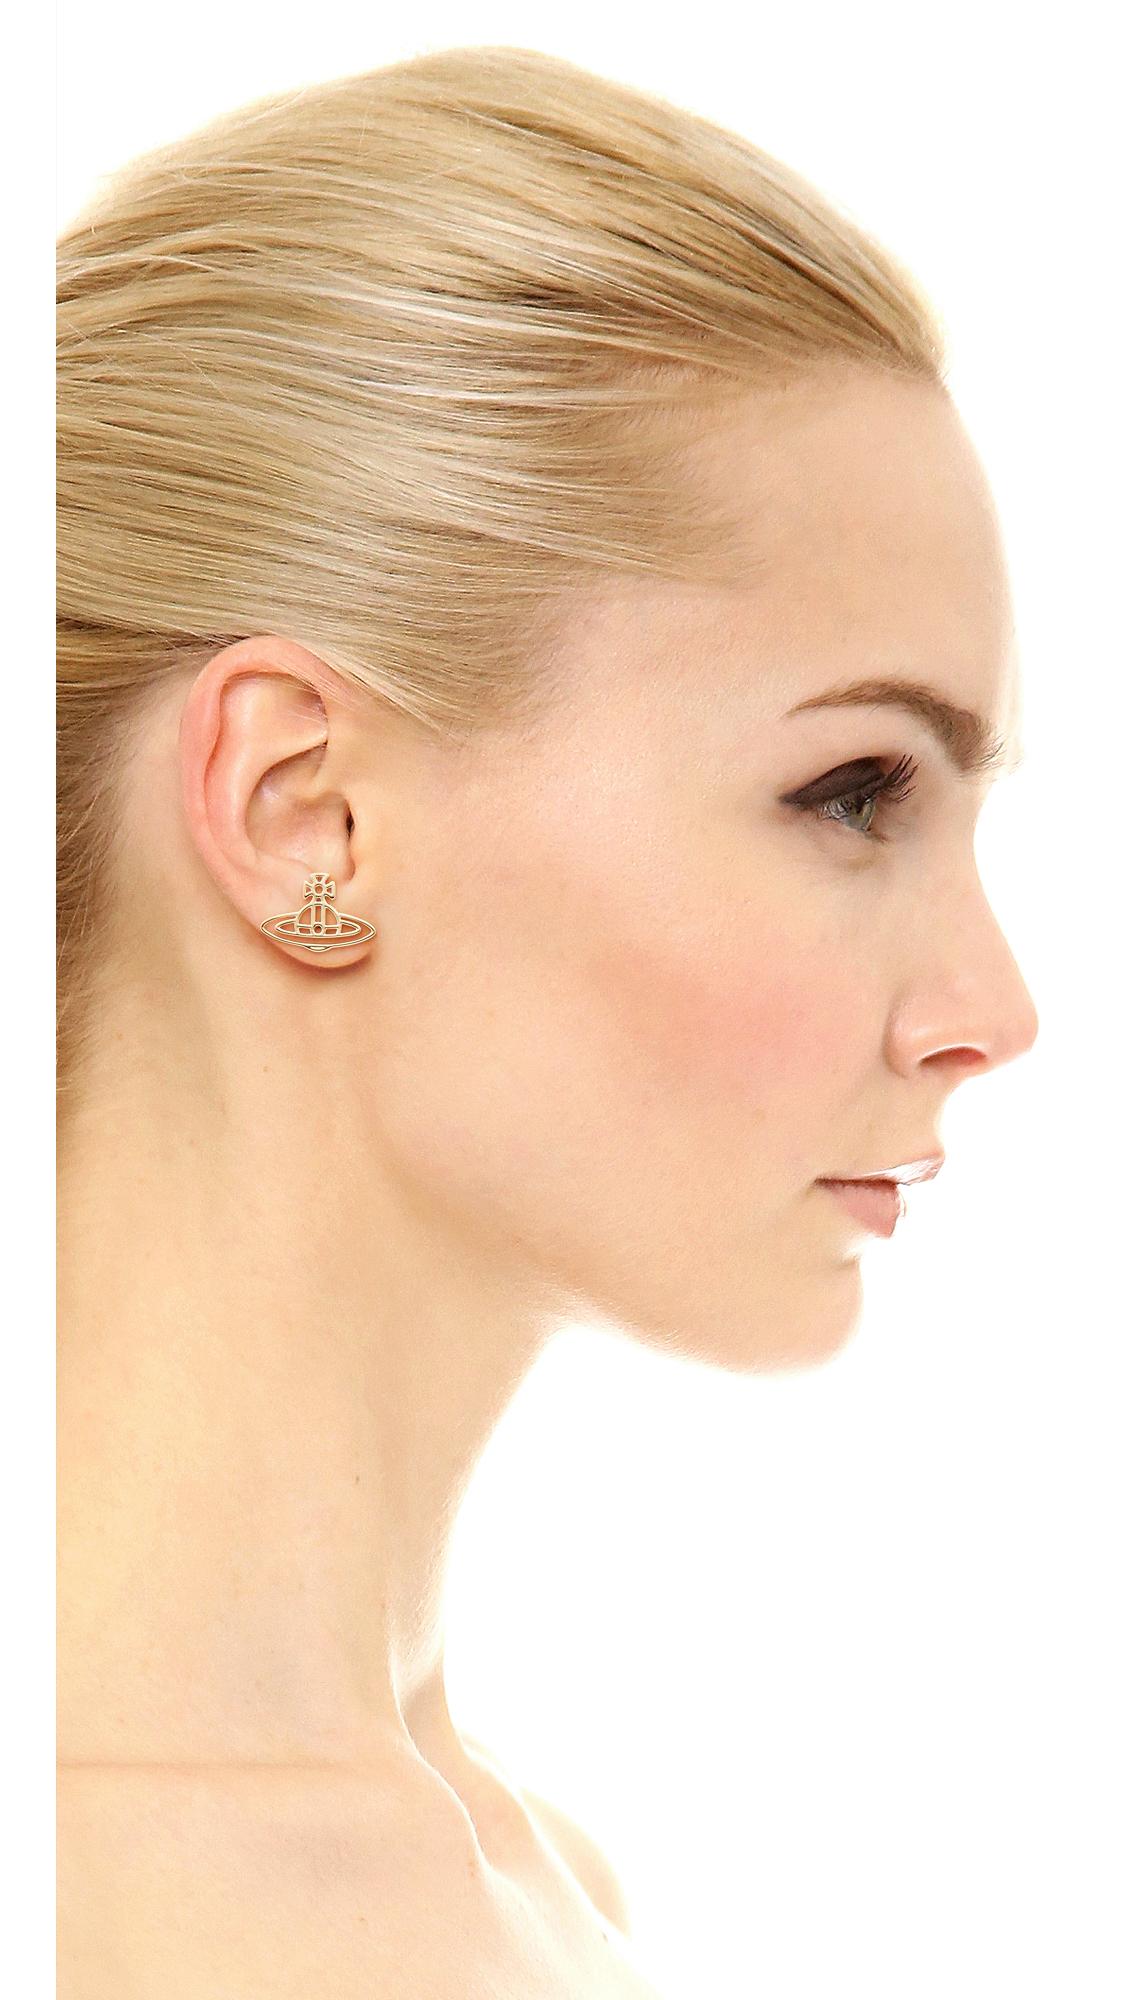 Vivienne Westwood Thin Lines Flat Orb Stud Earrings In Gold